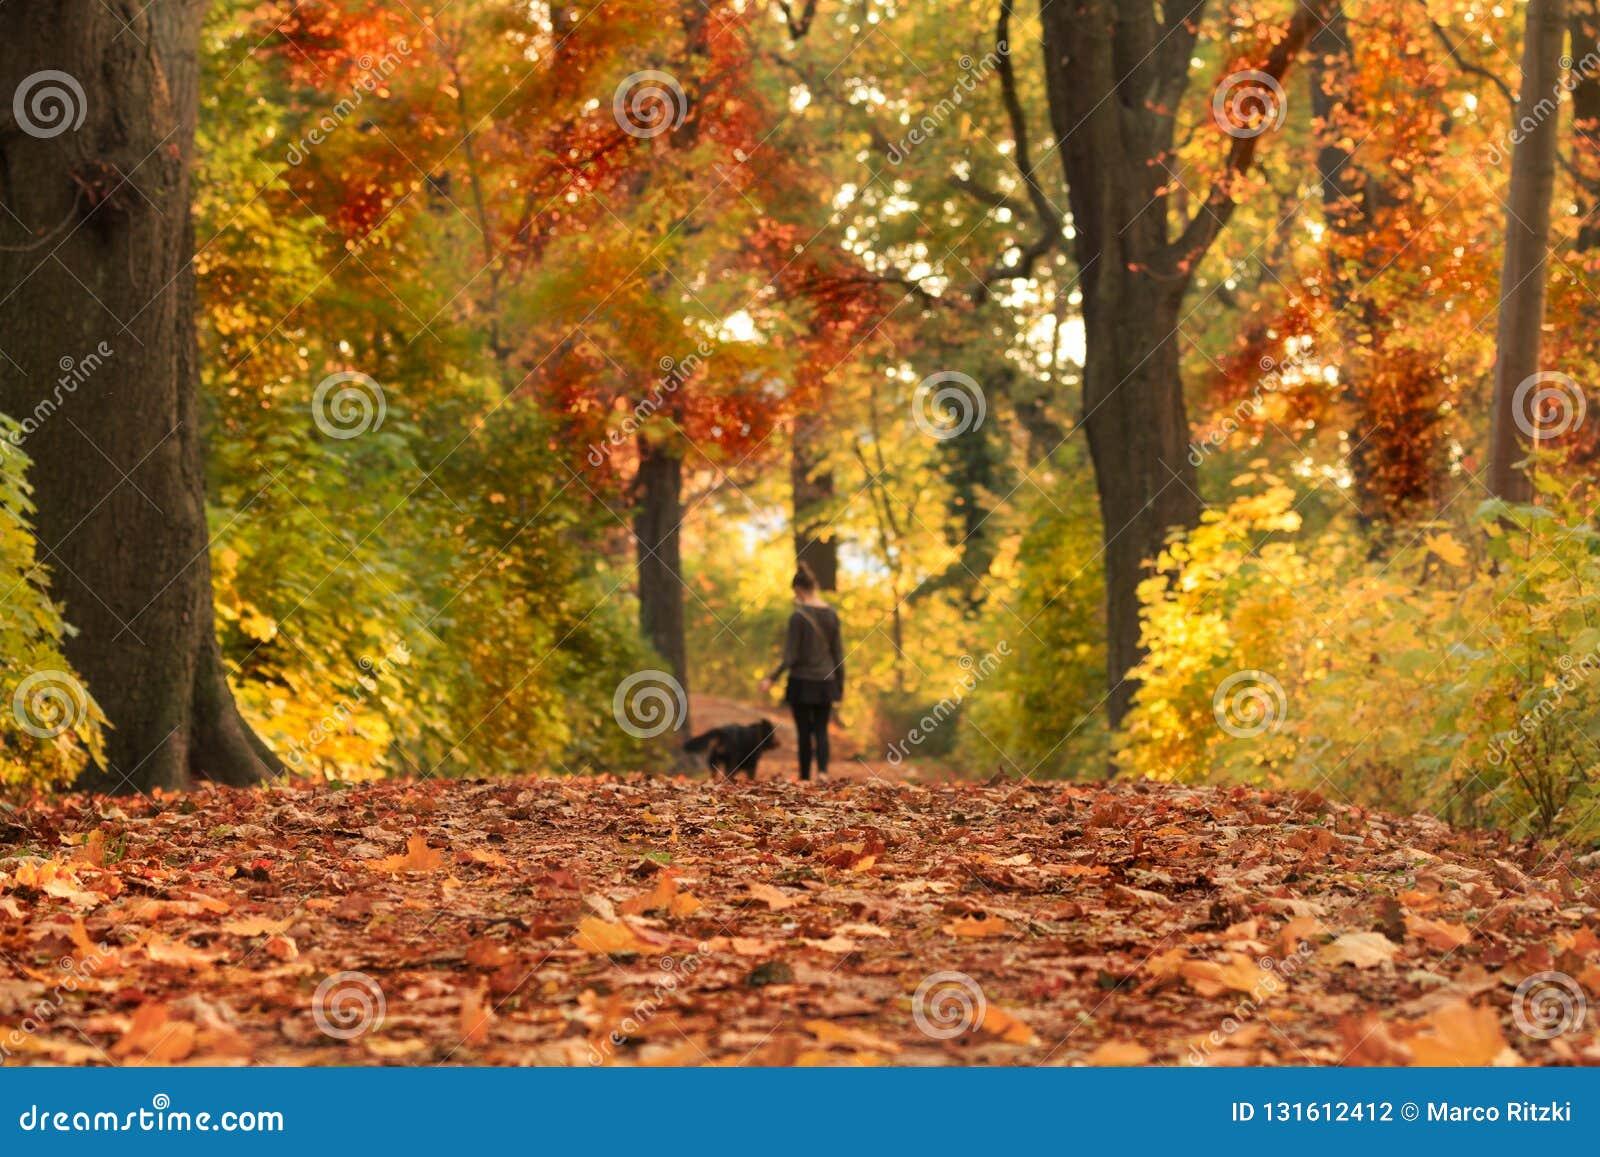 Jesieni ścieżka z barwionymi liśćmi